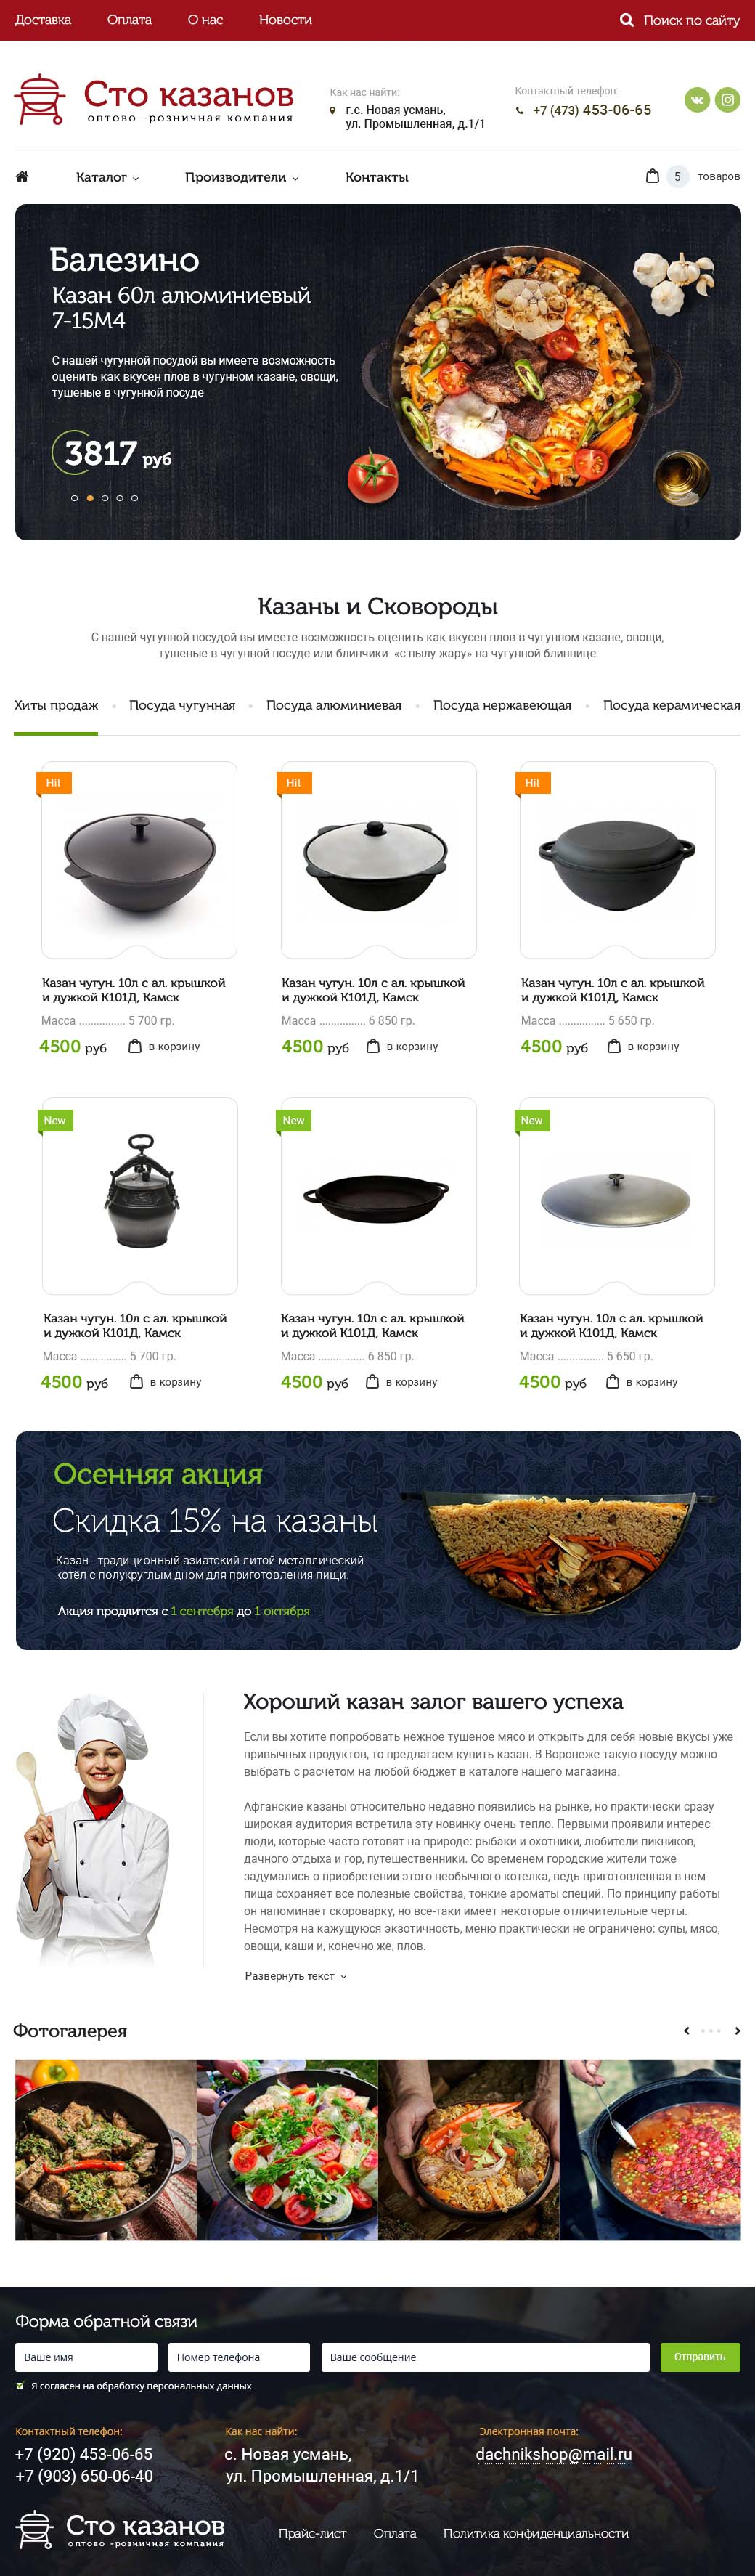 сайт торговля пример Сто казанов 1000 px